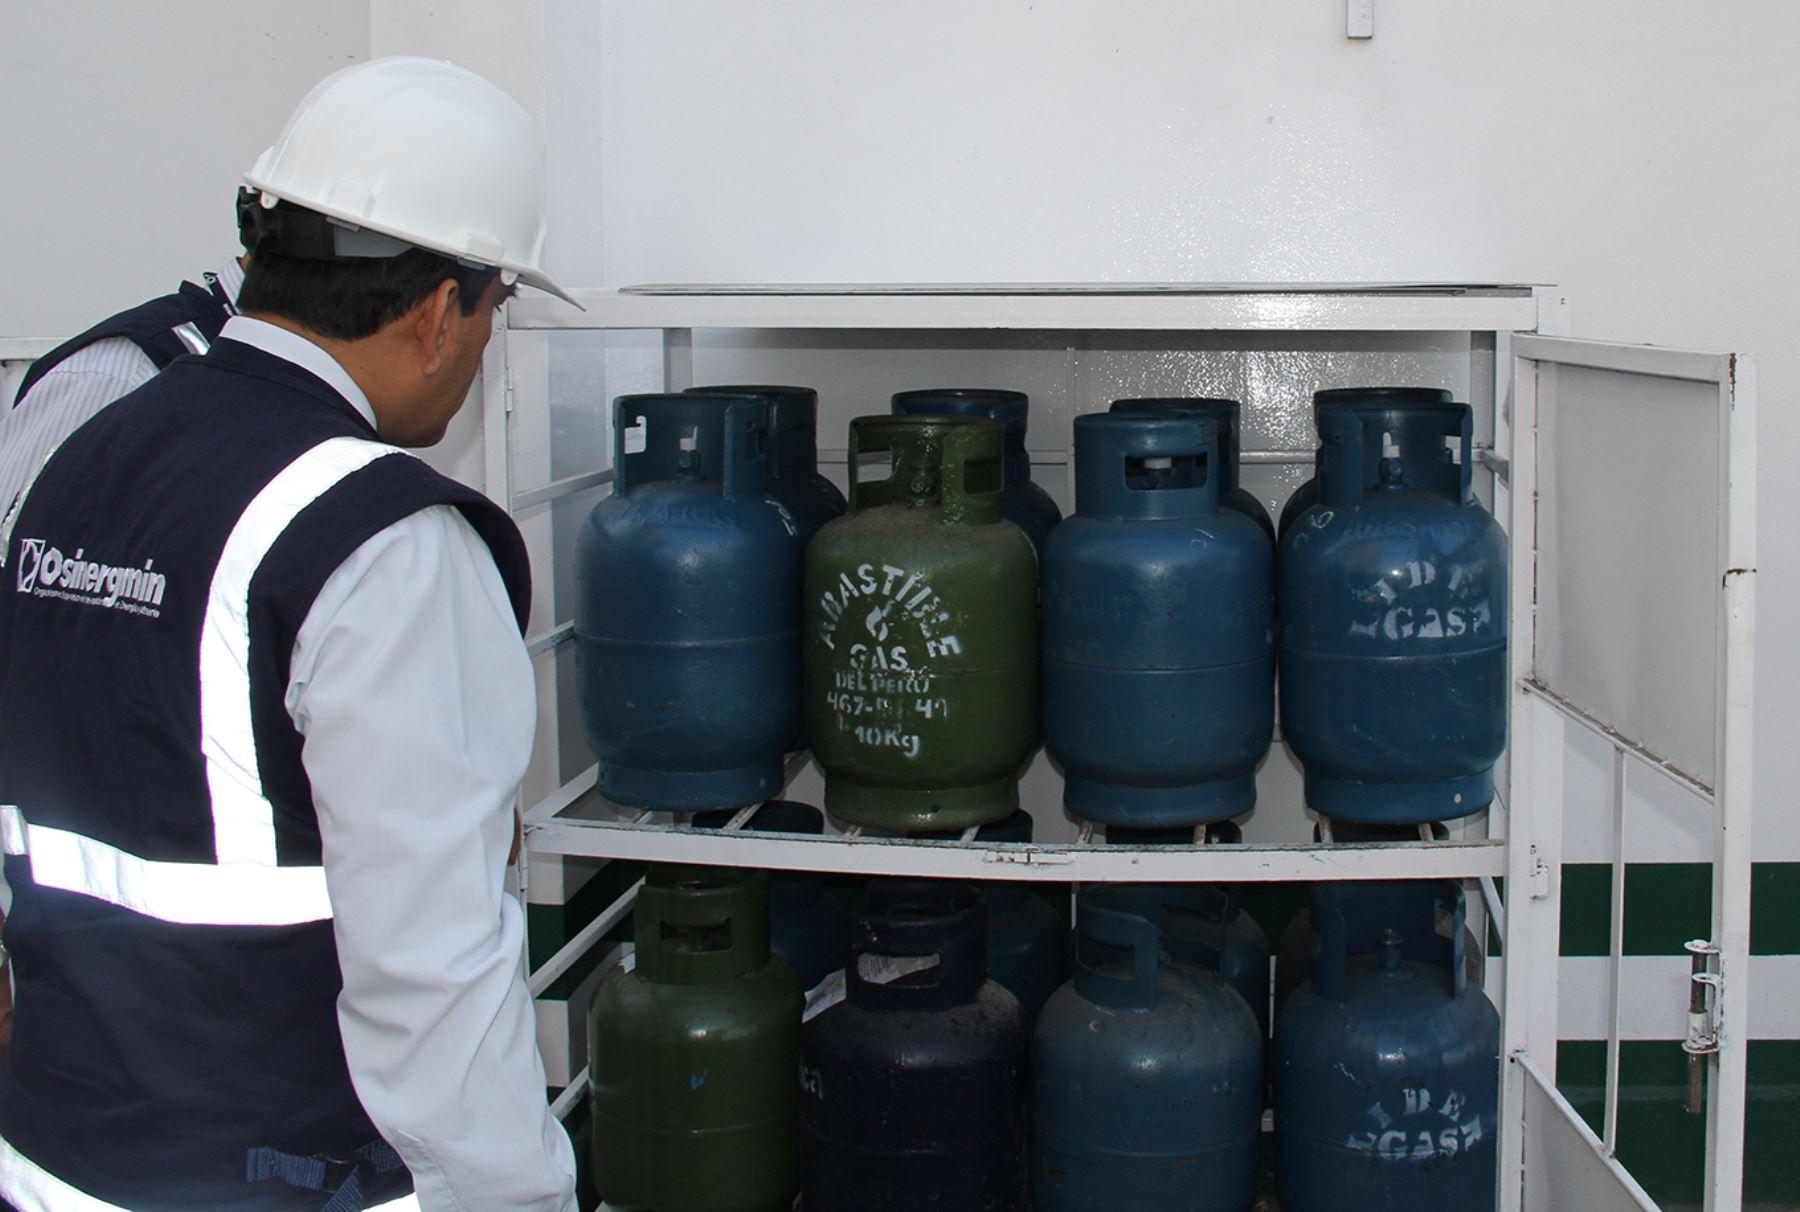 Zeta Gas apelará multa que le impuso Indecopi por concertación de precios